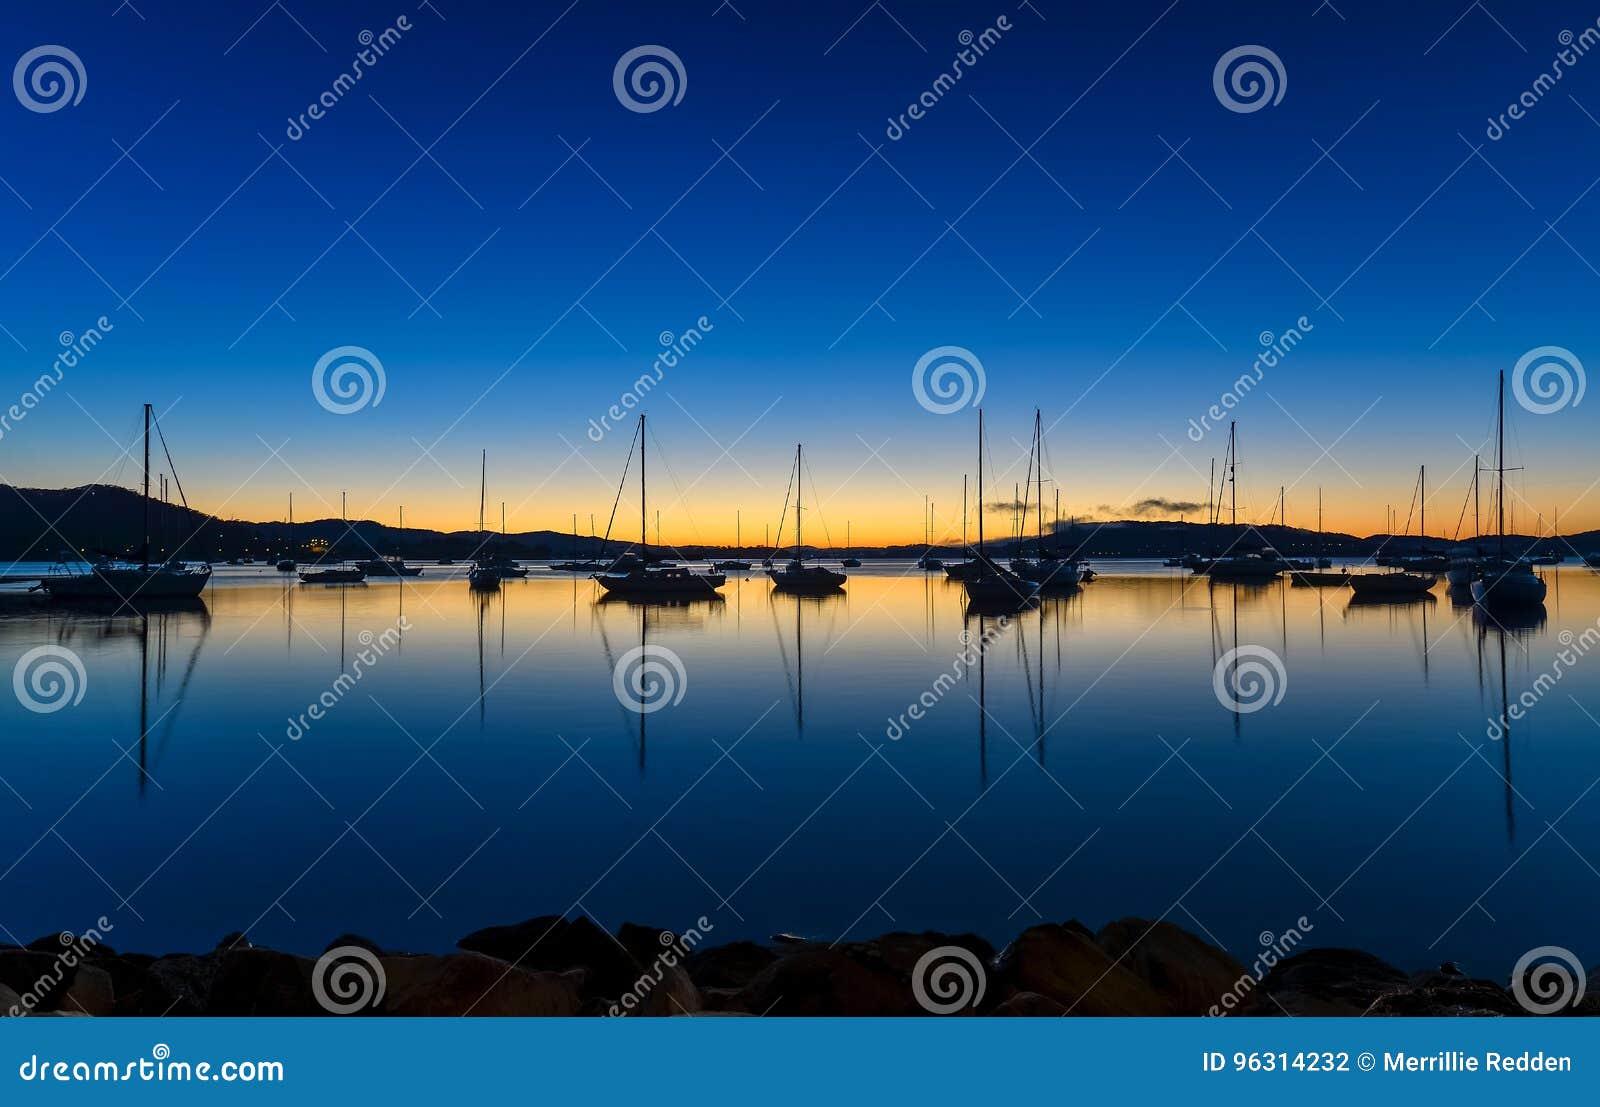 Tagesanbruch waterscape über der Bucht mit Booten